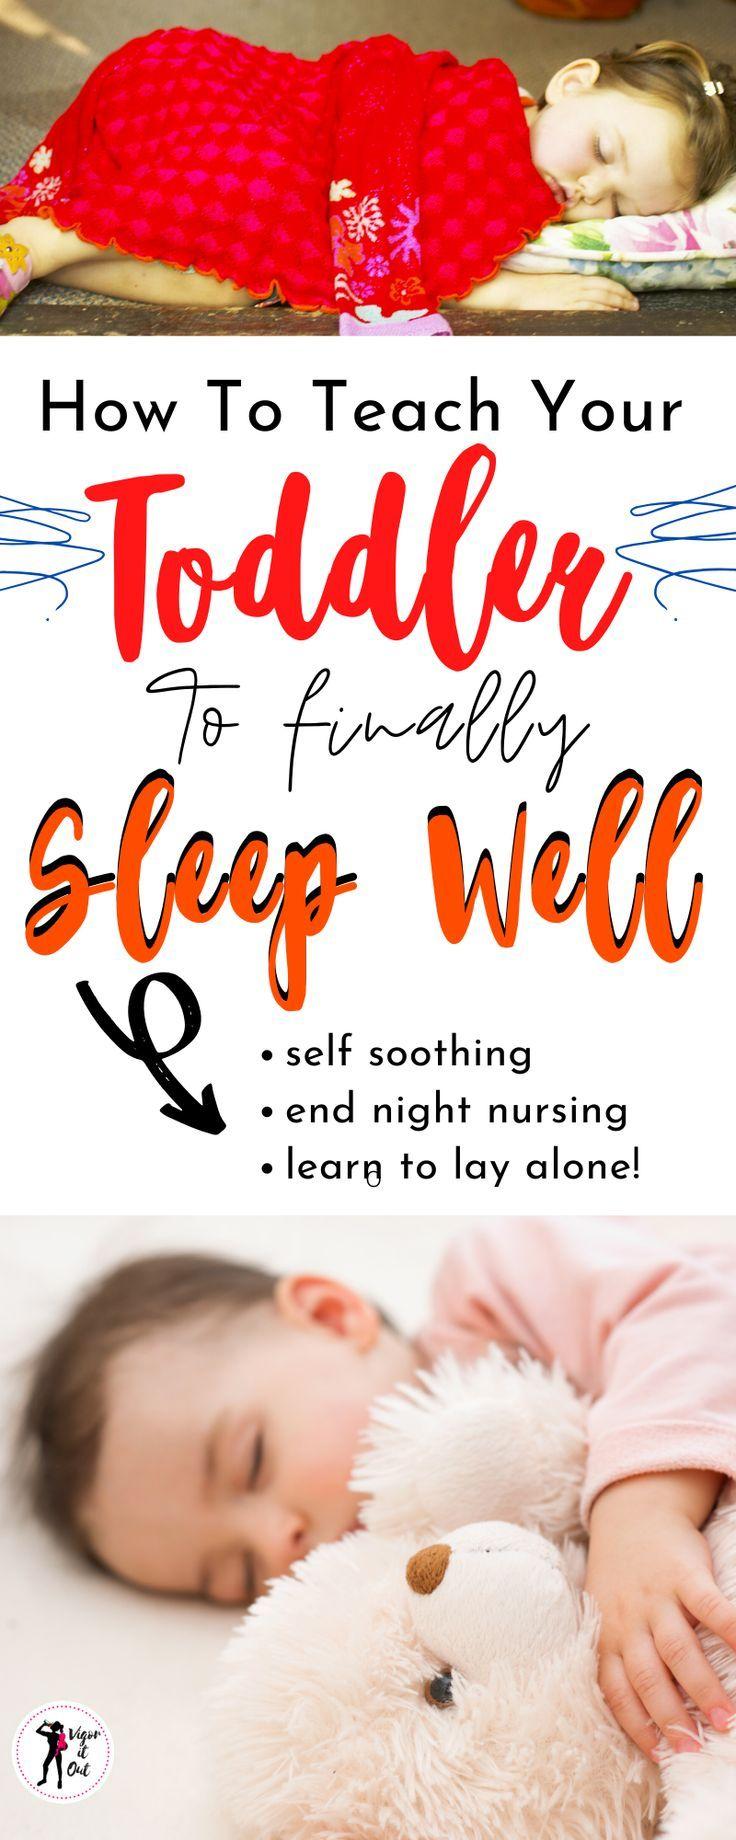 43+ Sleep training books amazon ideas